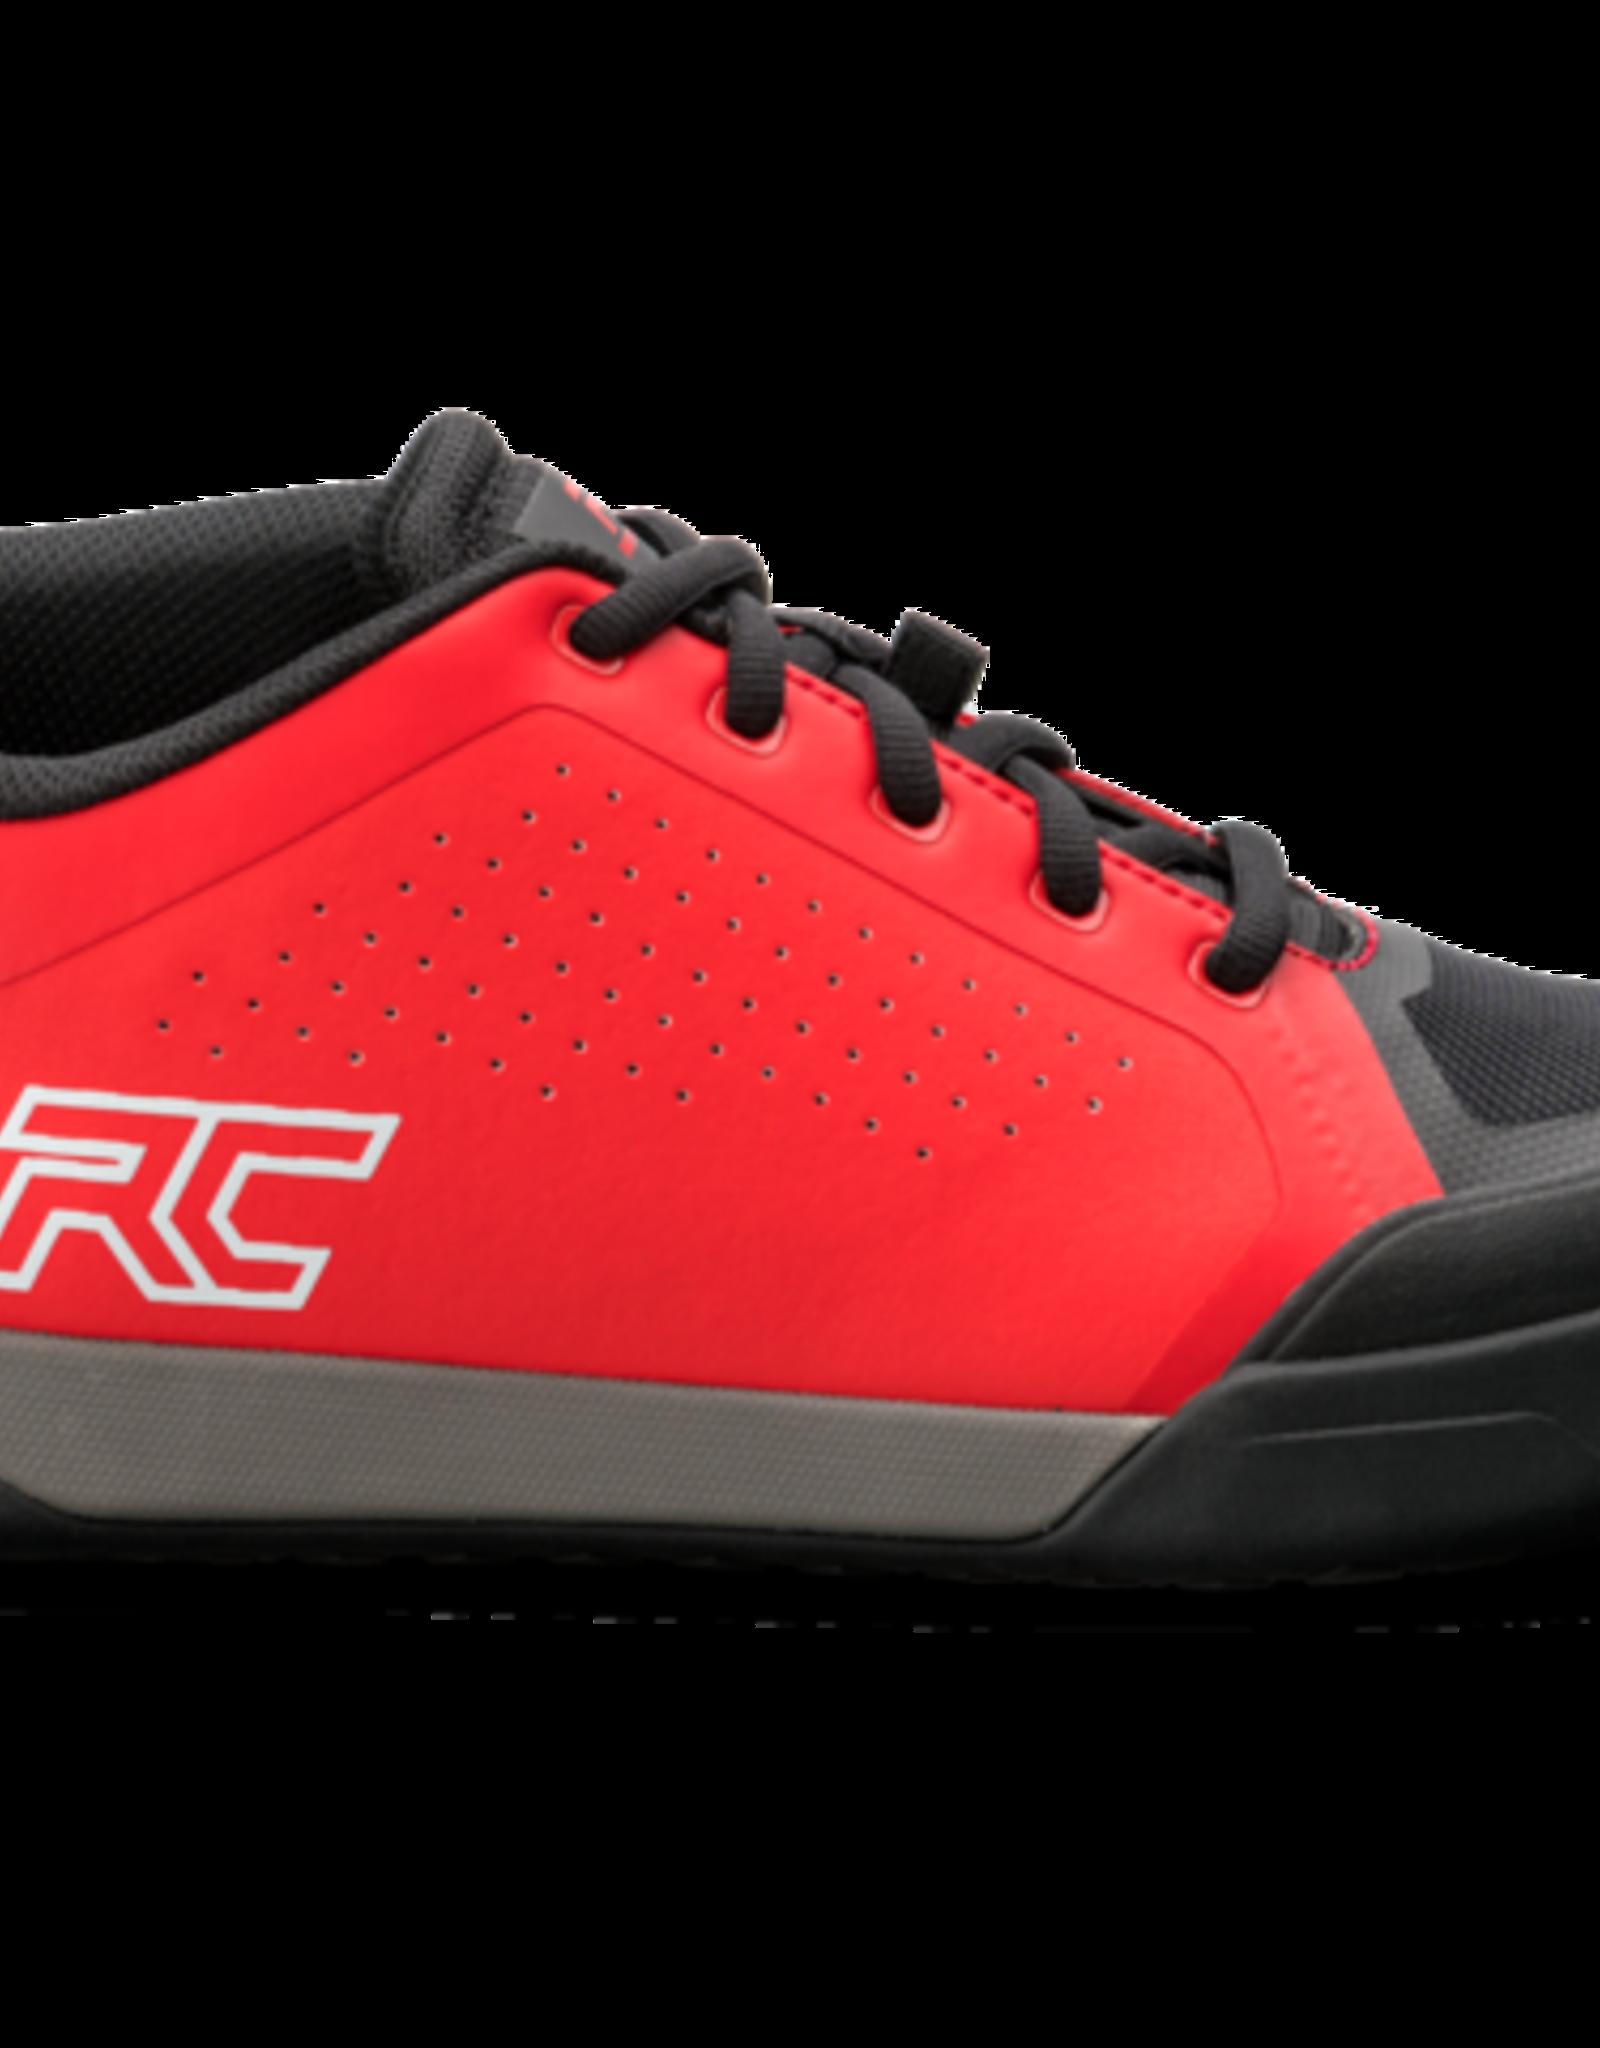 Ride Concepts Men's Powerline Shoes